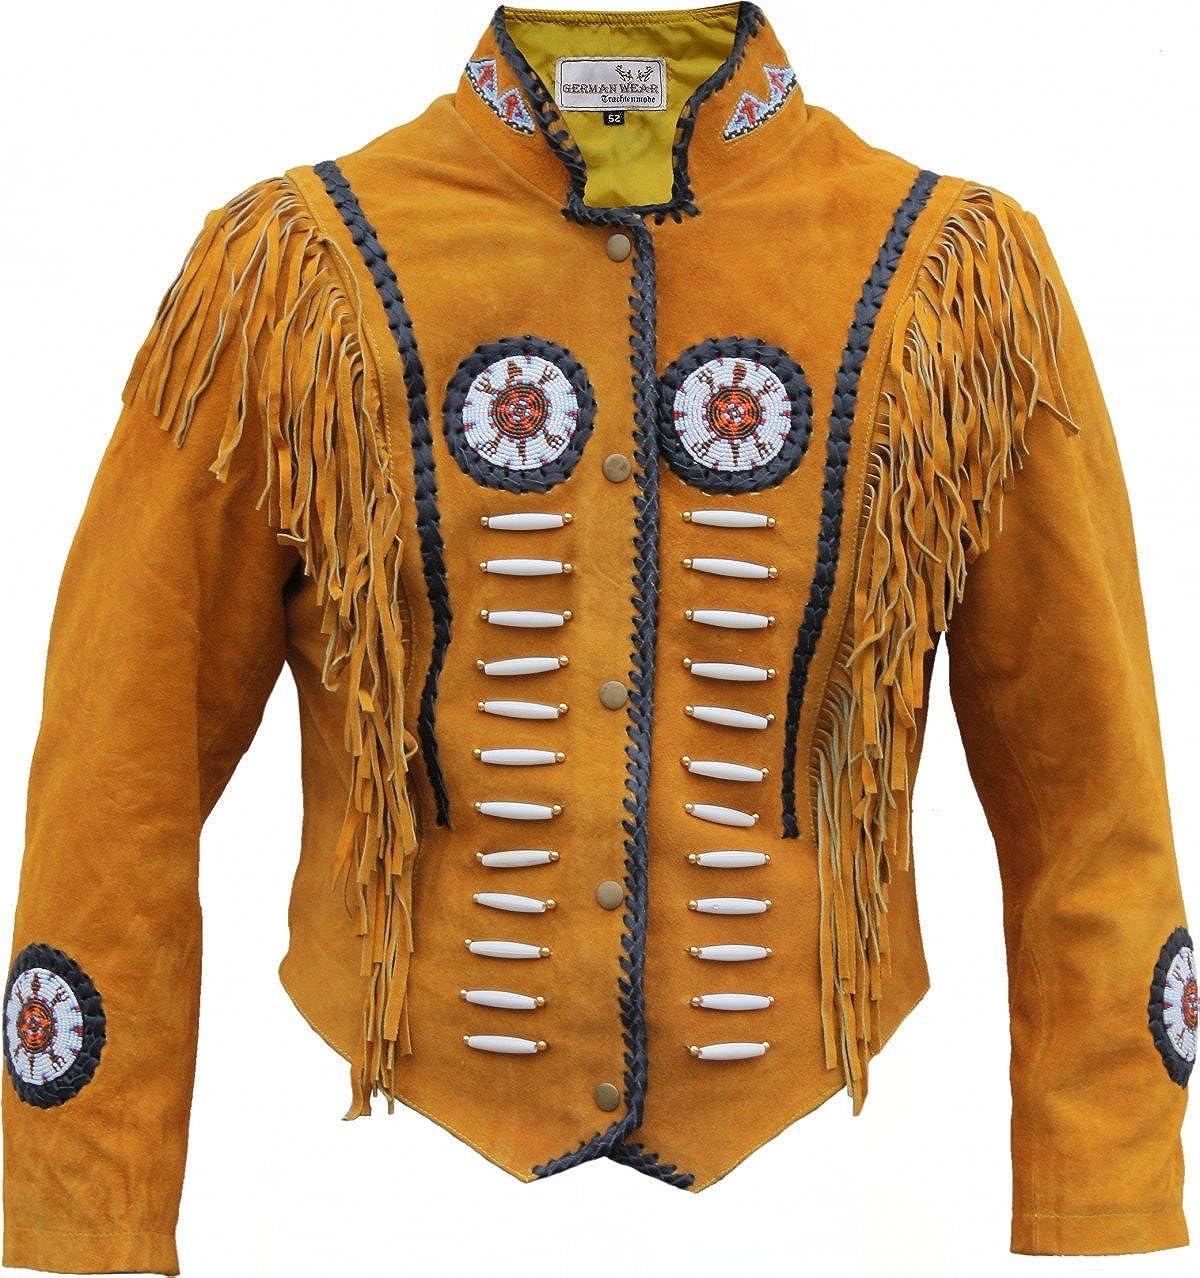 German Wear,Westernjacke Reiter Jacke Western-Lederjacke Indianer Tracht Schwarz